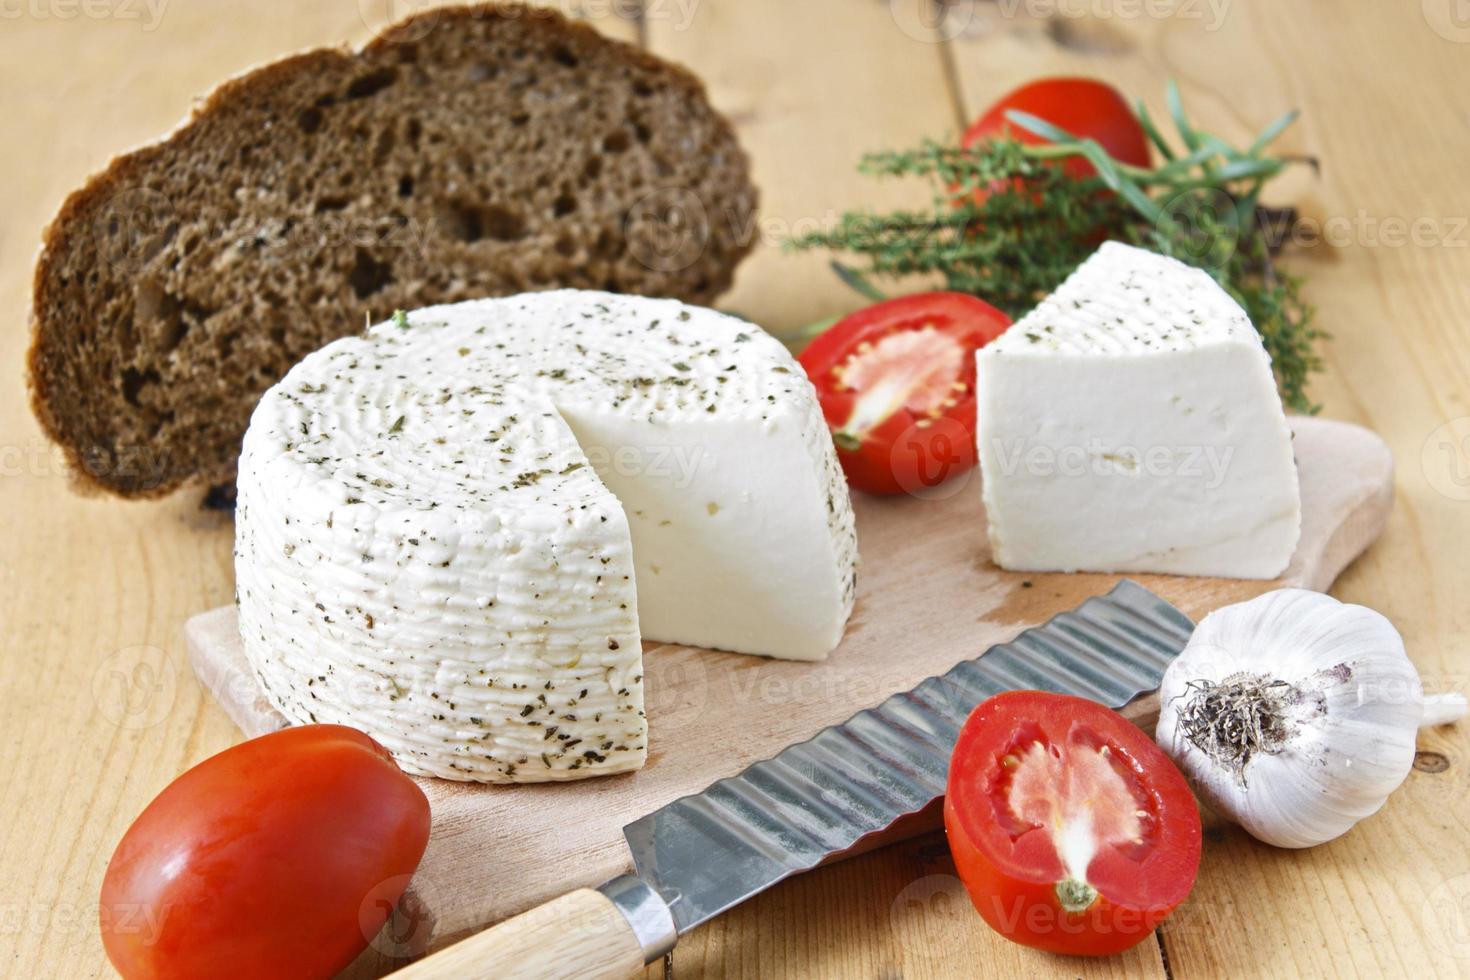 queijo branco, pão, tomate e alho em um fundo de madeira foto